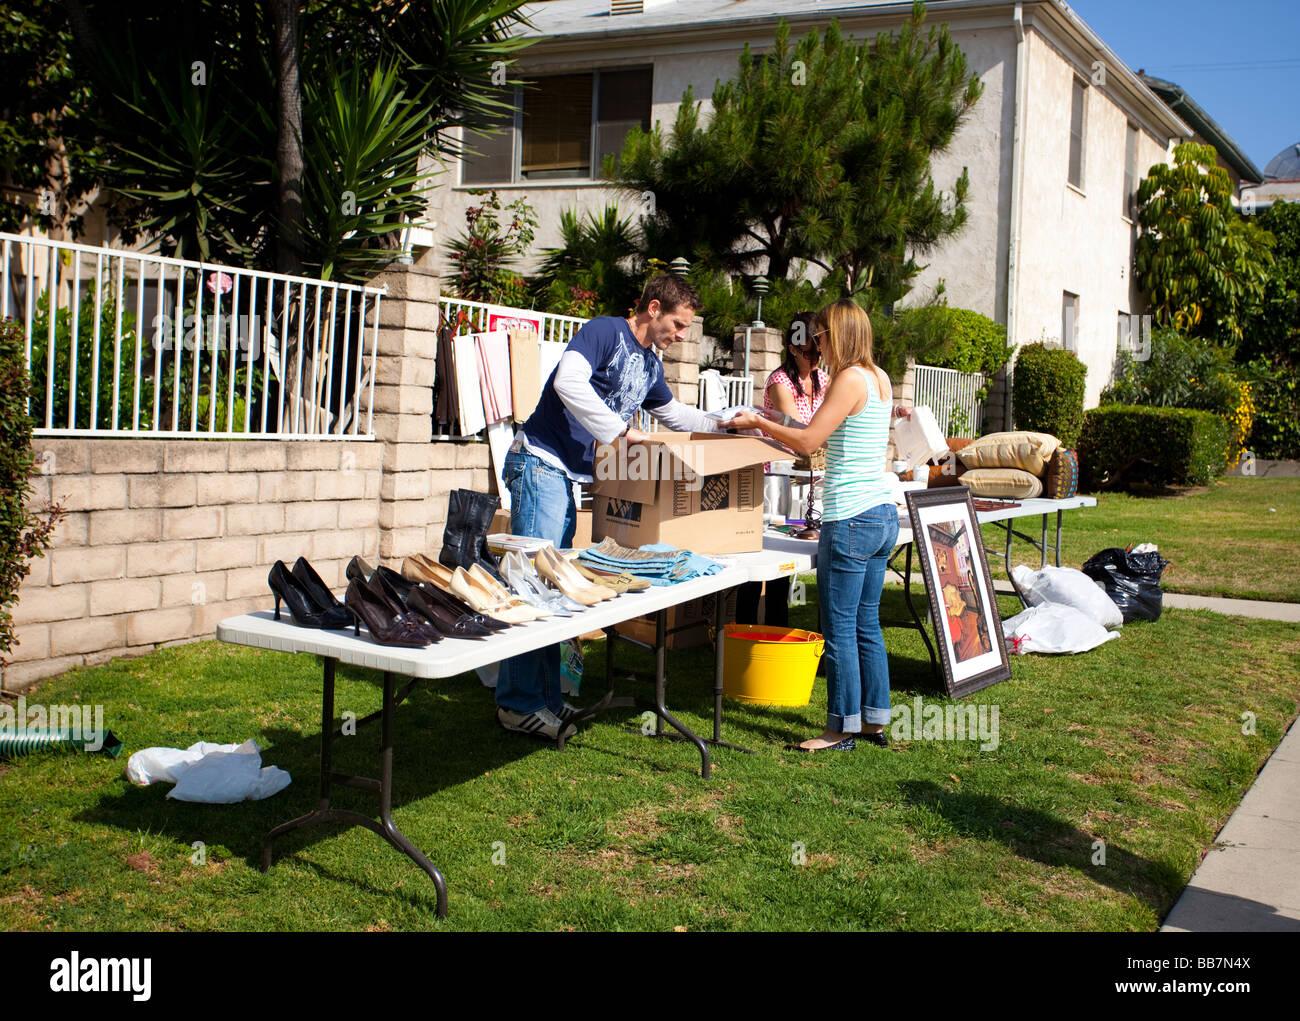 Täglichen Leben In Der Stadt: Nachbarschaft Garage (Garten, Rasen) Verkauf,  Los